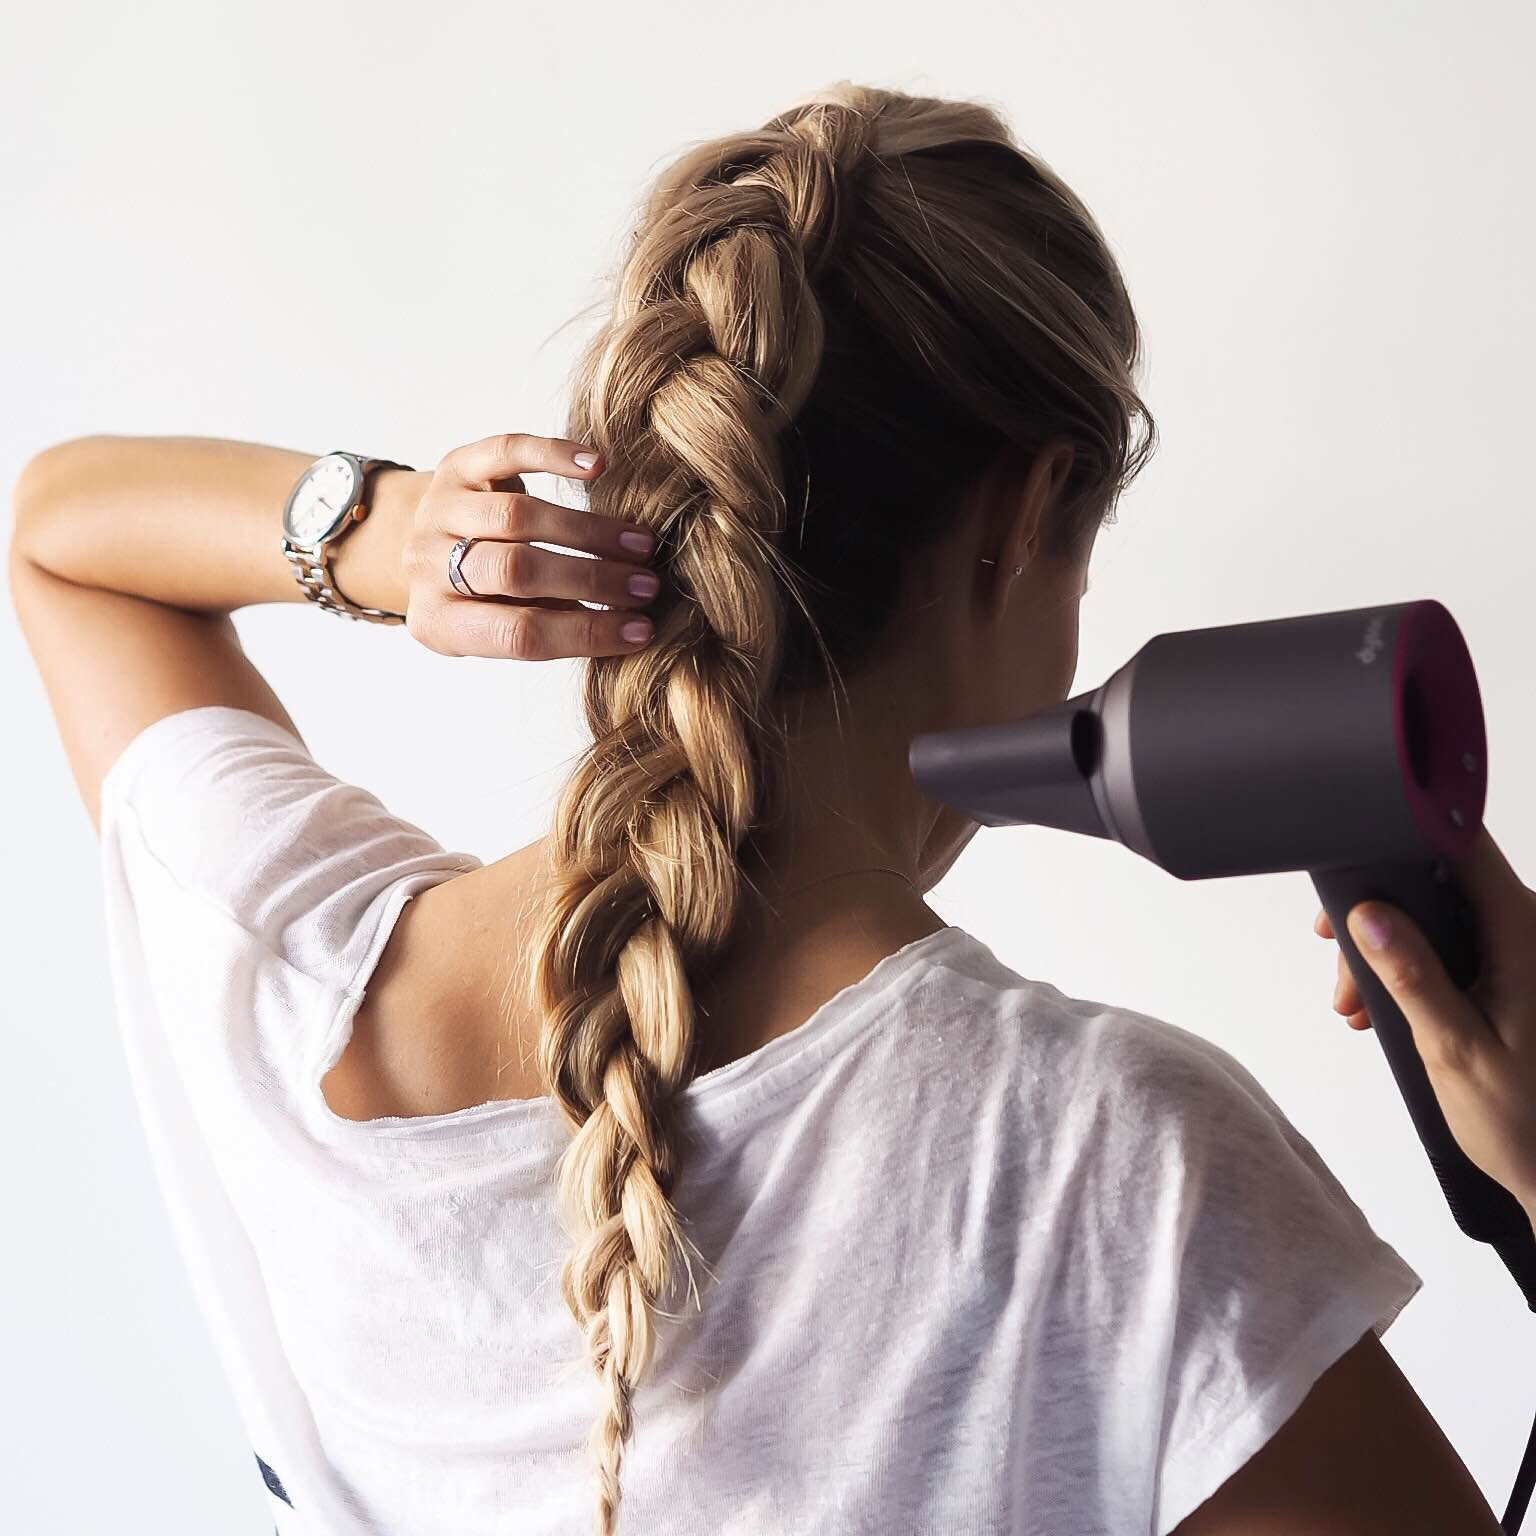 ツヤ髪のために「髪を傷つけない」習慣を! 今すぐ見直したい